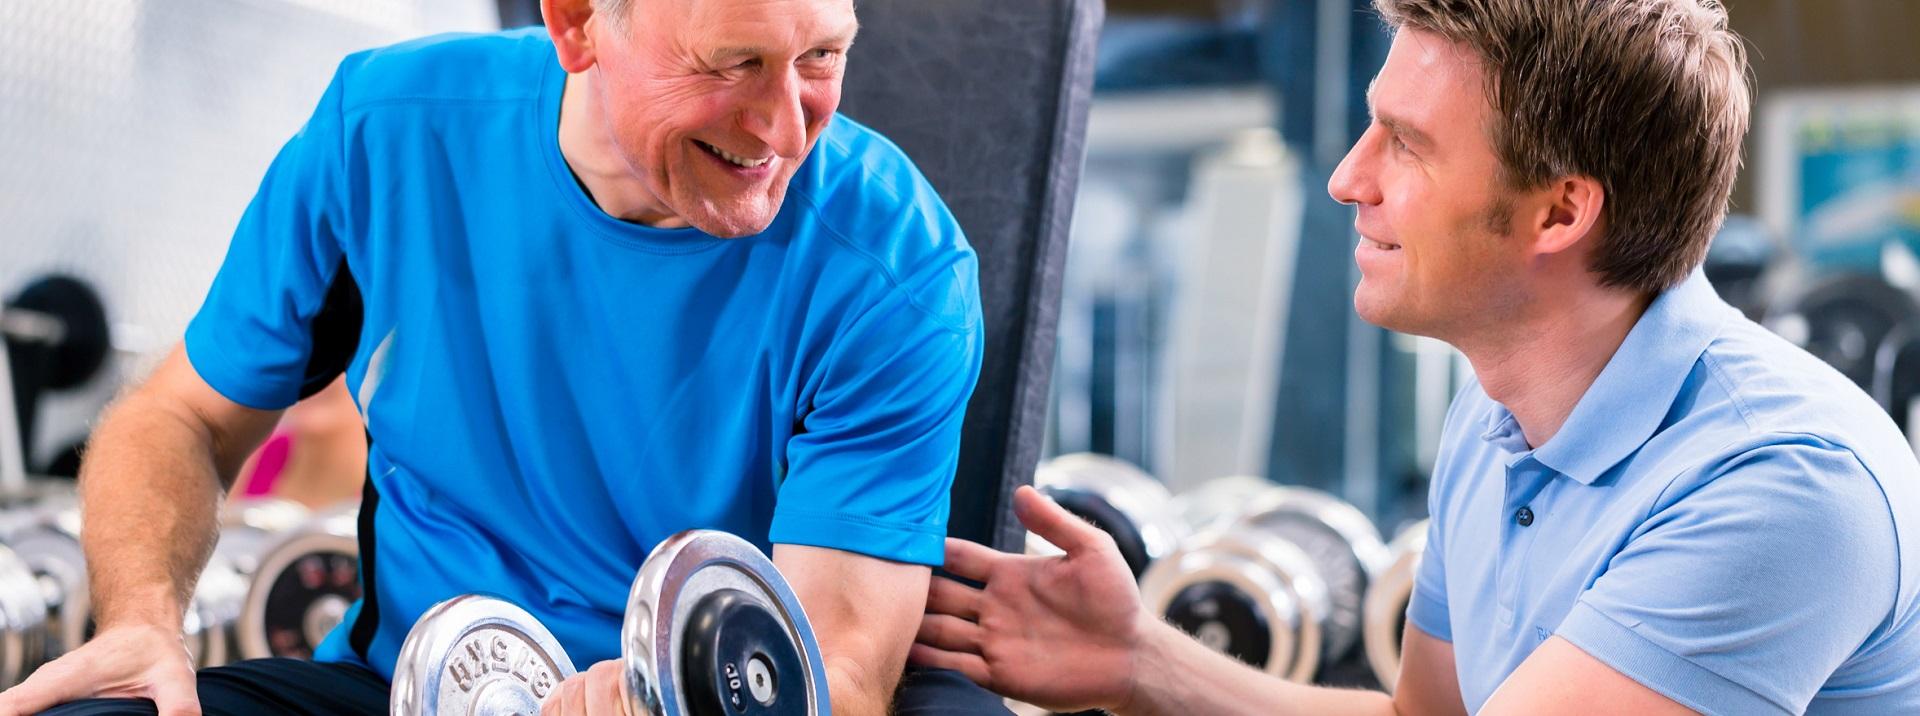 Individuelle Trainingsplanung Egal ob Athletik- oder Reha, Wettbewerb oder Hobby – wir erarbeiten gemeinsam Dein Trainingsprogramm…